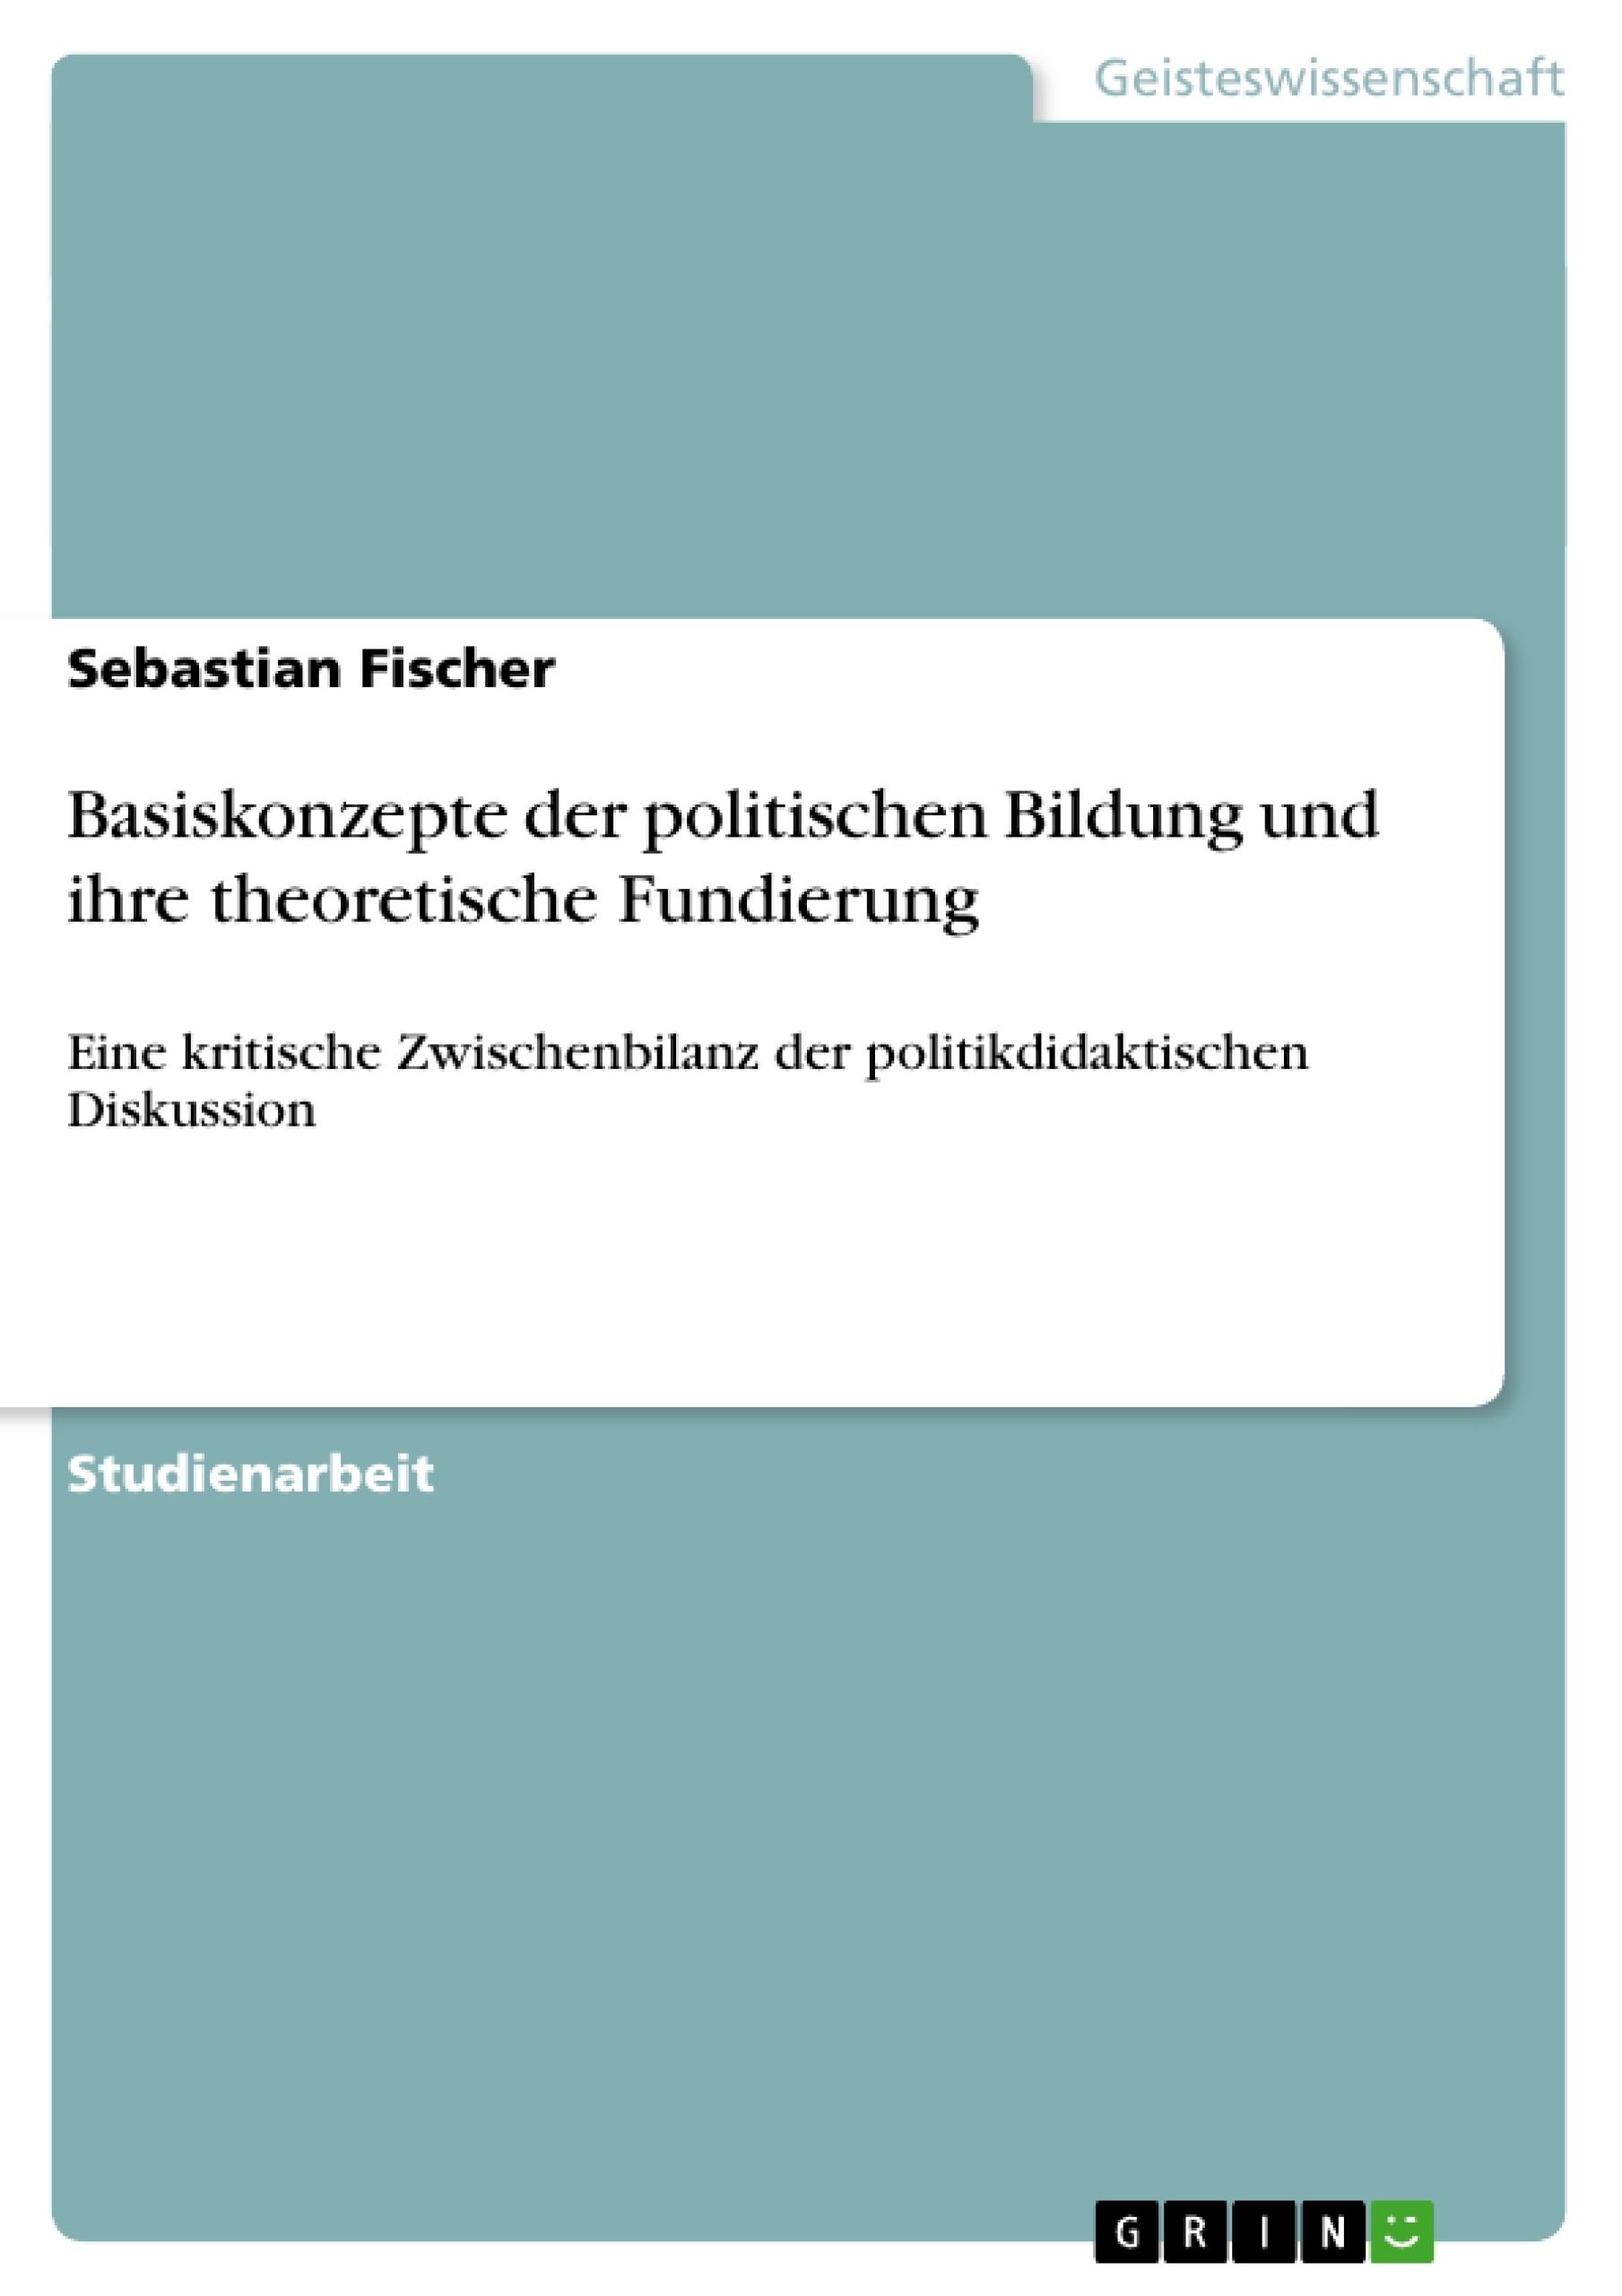 Titel: Basiskonzepte der politischen Bildung und ihre theoretische Fundierung